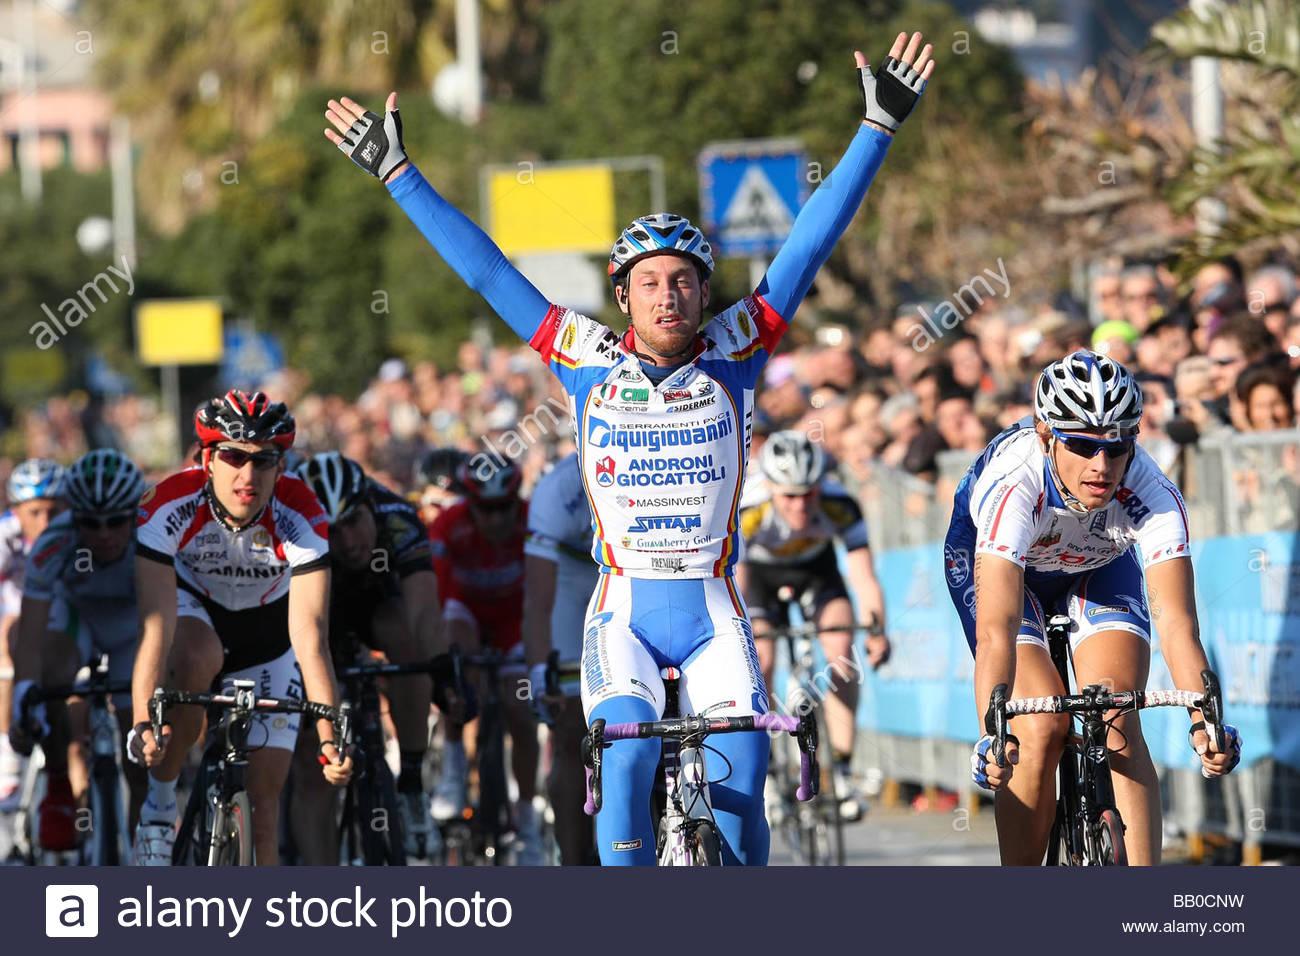 francesco ginanni,laigueglia 2009,cycling 46th trofeo laigueglia - Stock Image